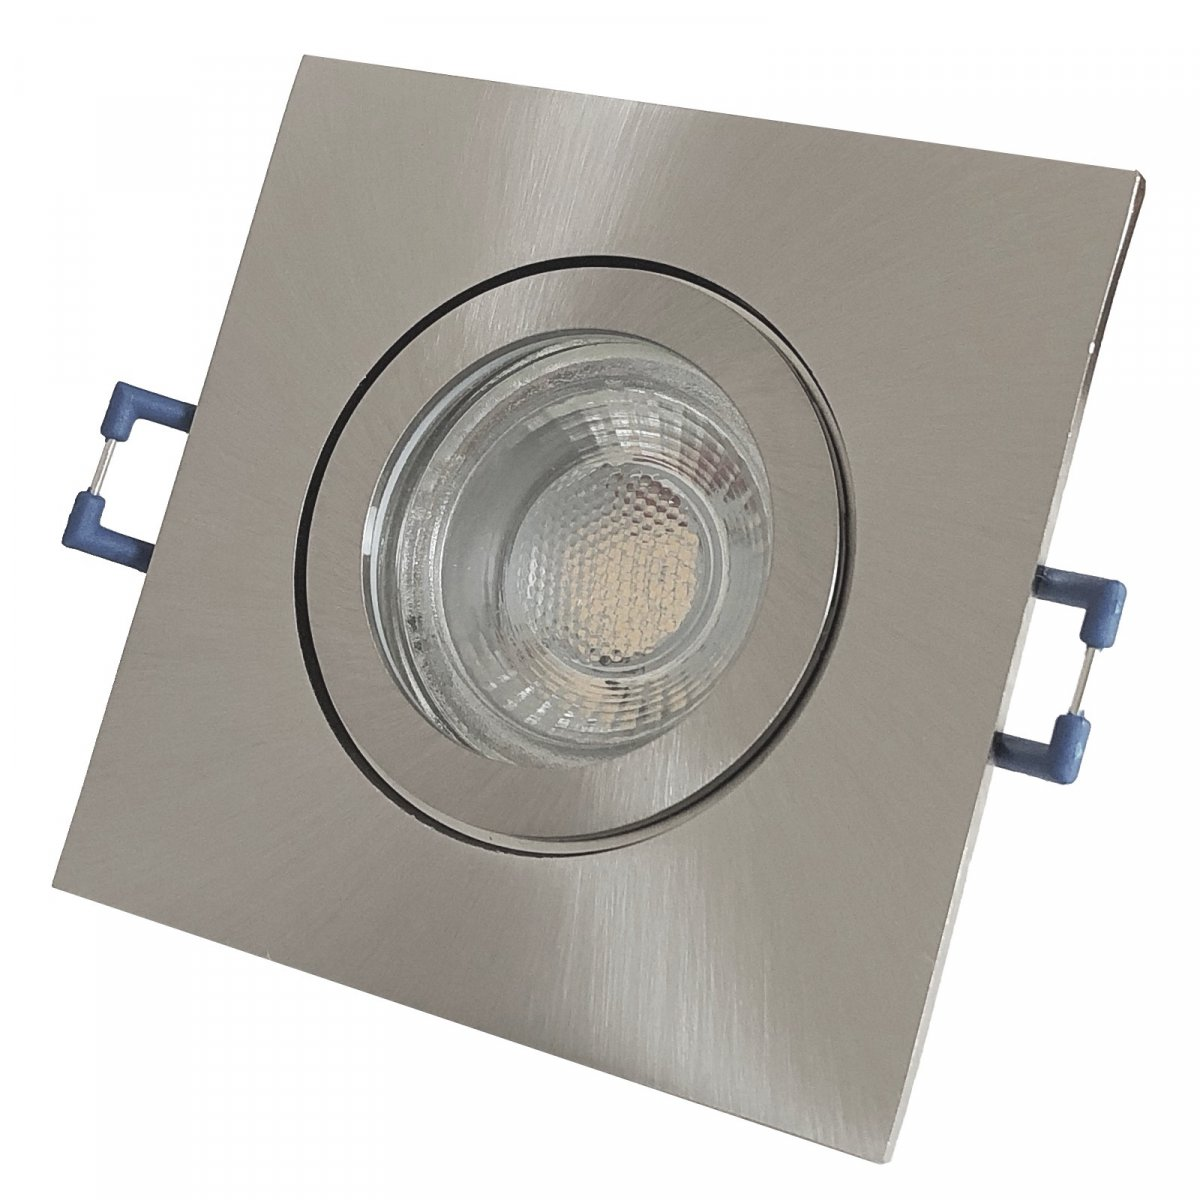 7w led bad einbaustrahler marin 230 volt dimmbar ip44 clipring 19 50. Black Bedroom Furniture Sets. Home Design Ideas